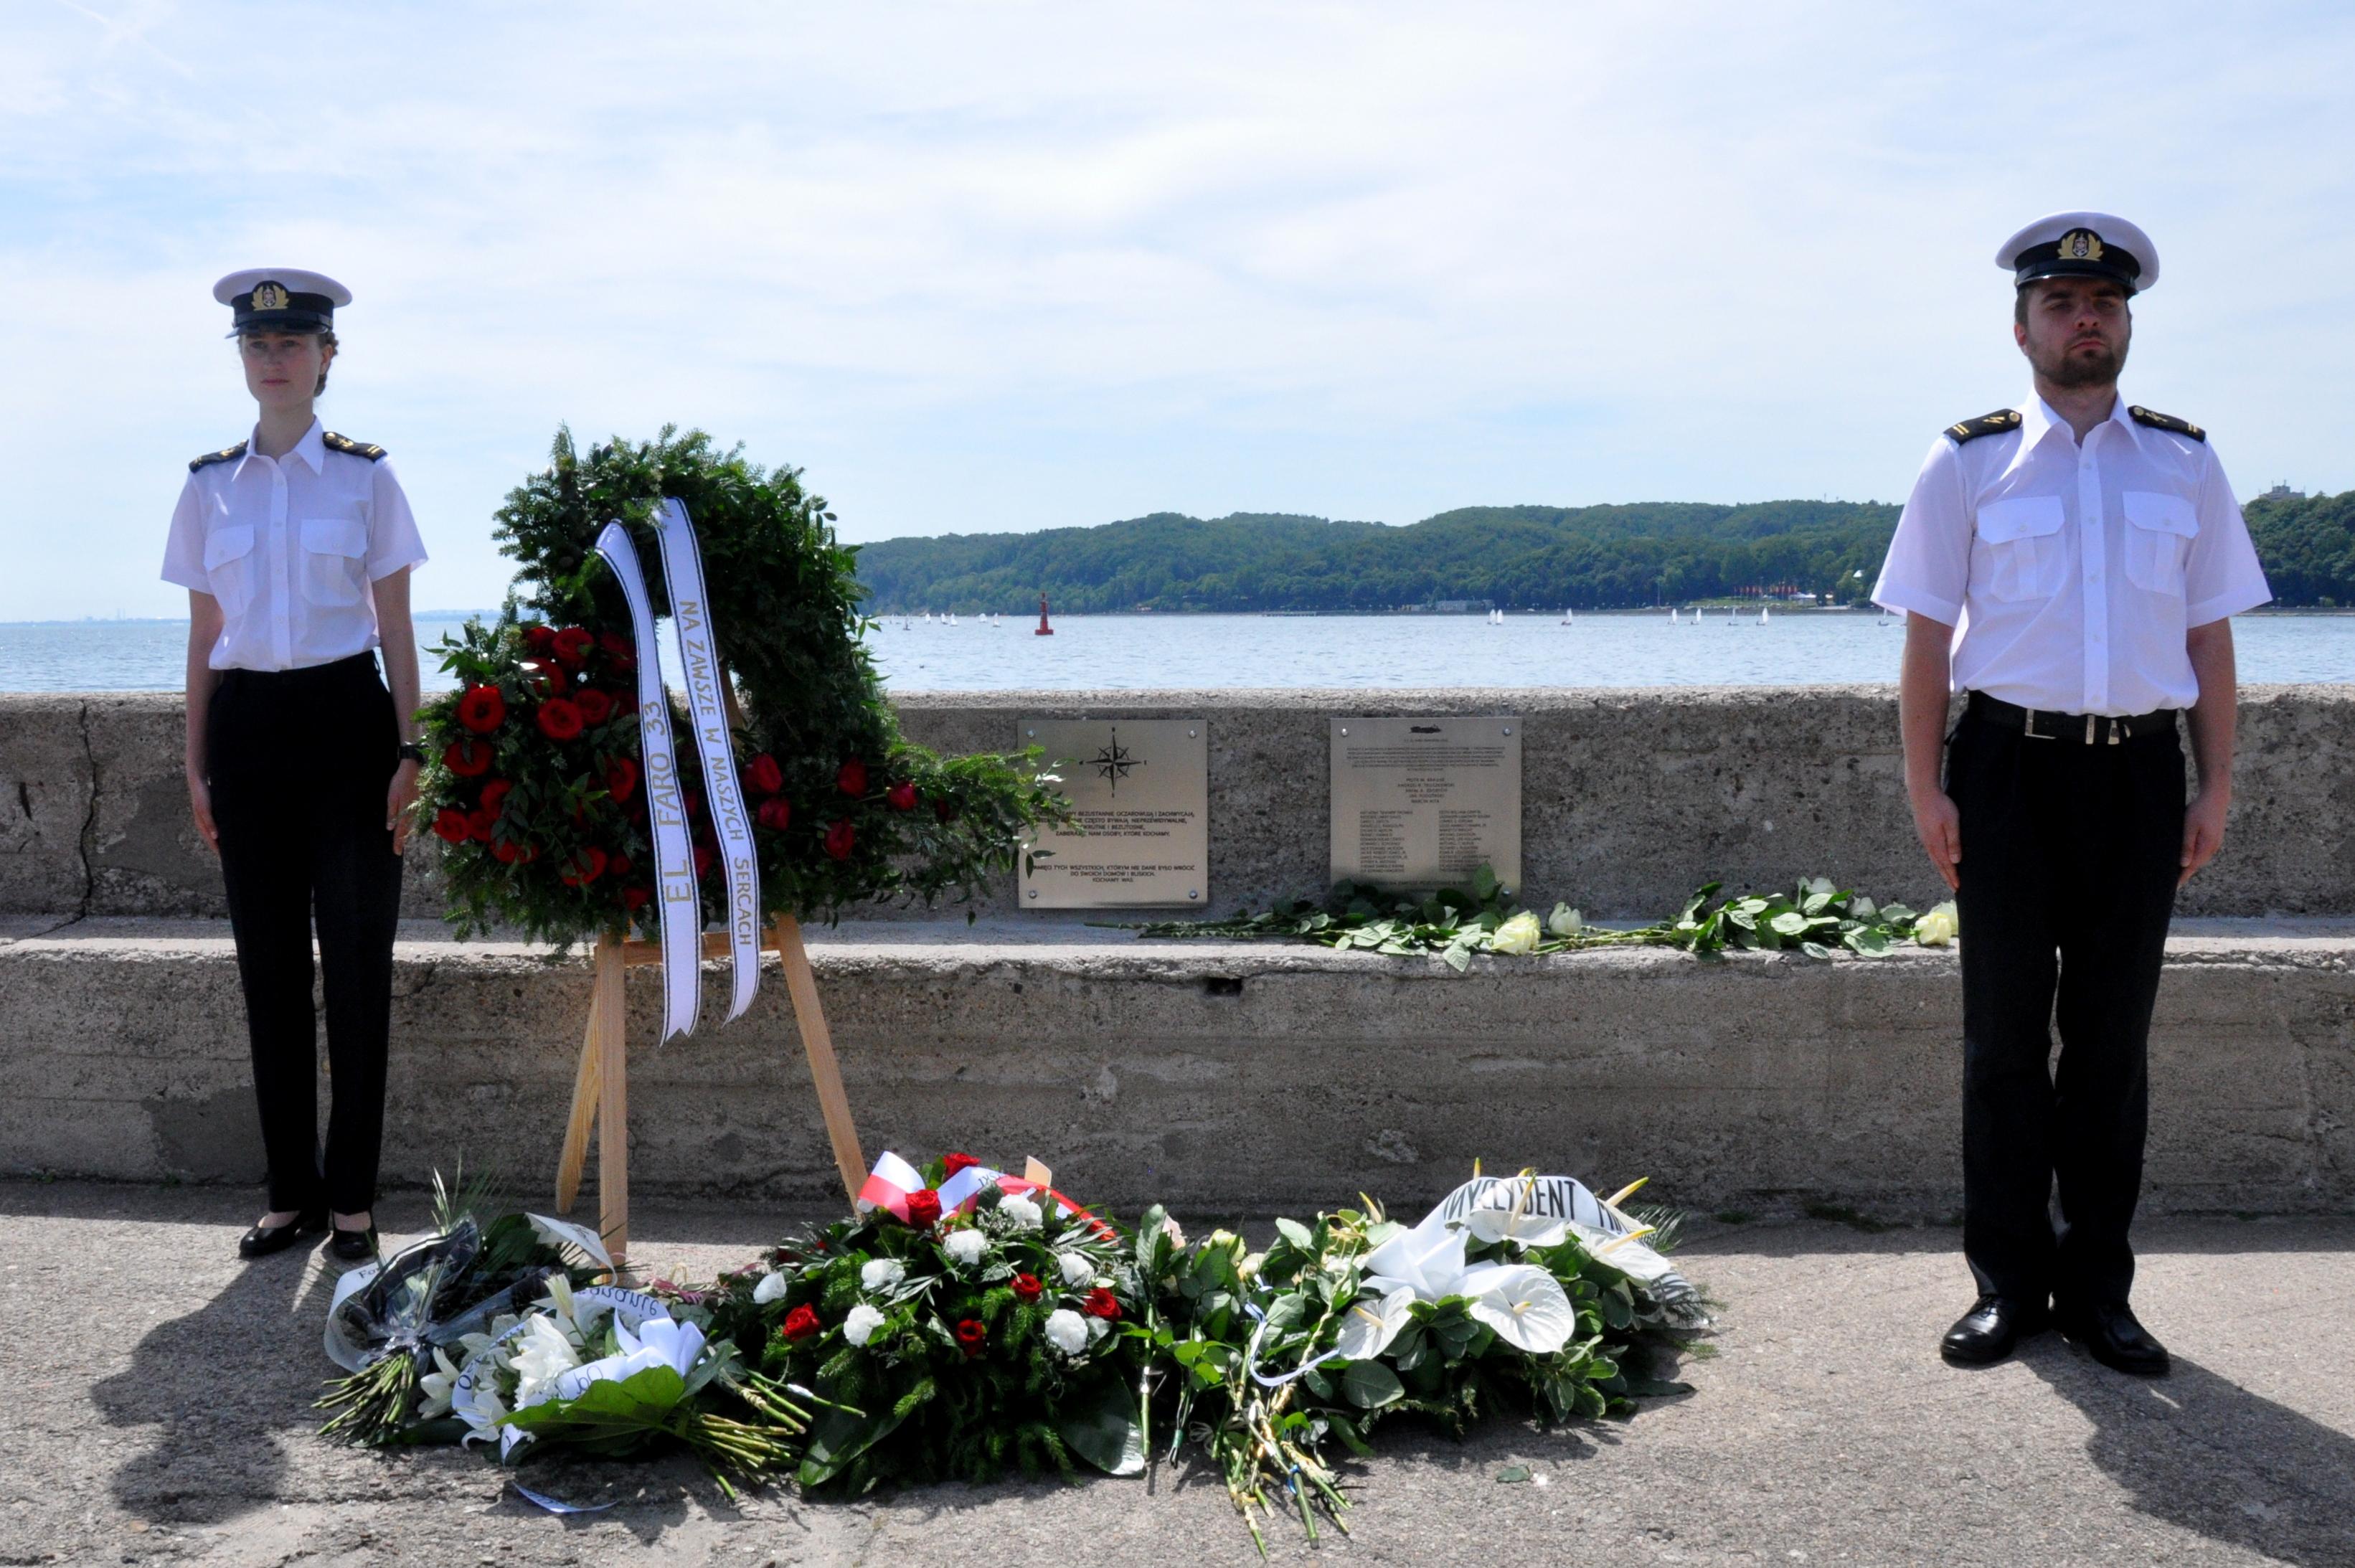 The memory of the El Faro sailors